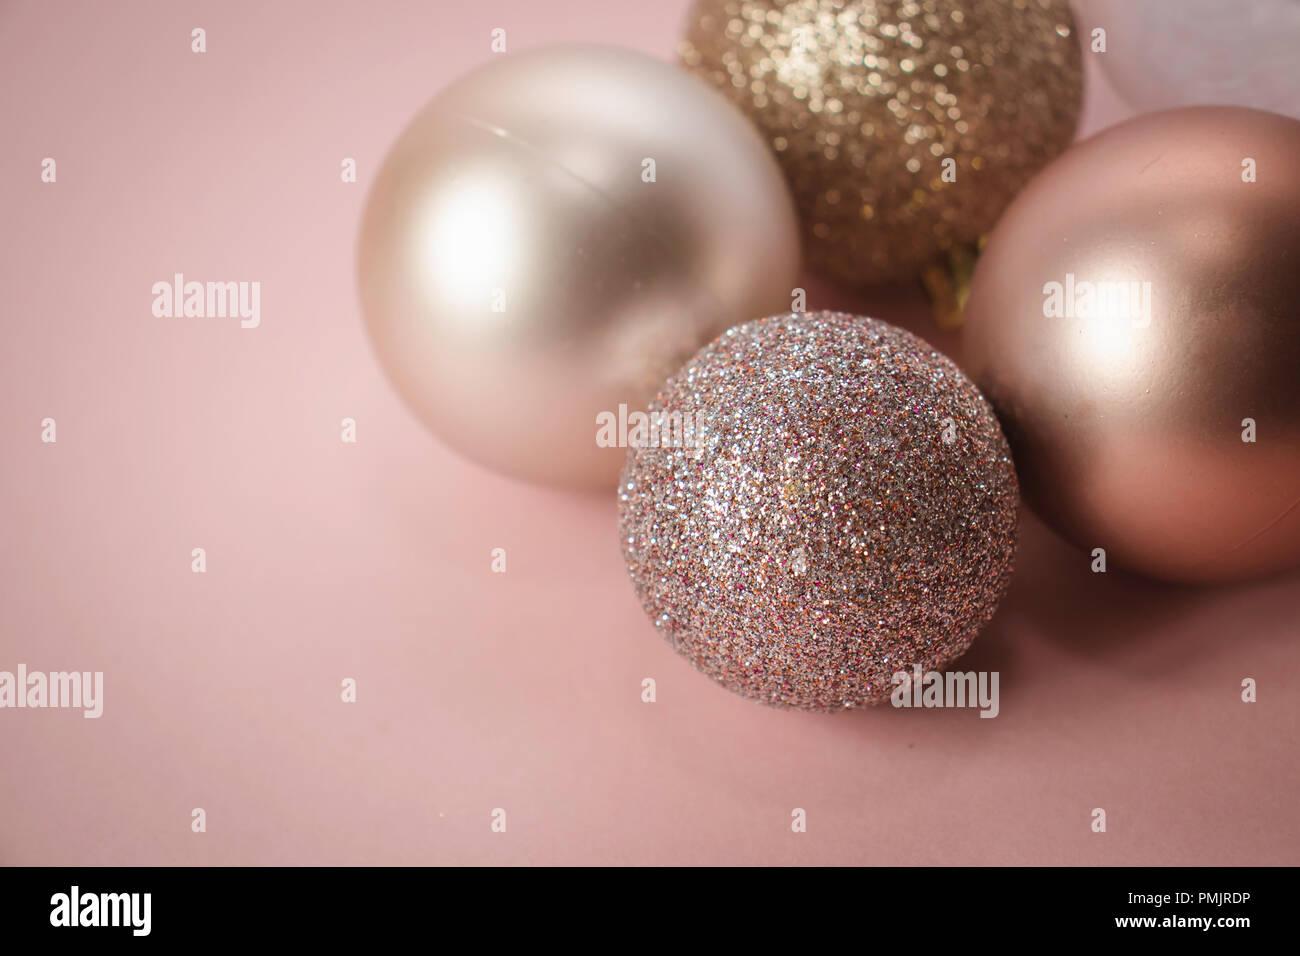 Christbaumkugeln Rosegold.Rose Gold Weihnachtskugeln Auf Einem Rosa Hintergrund